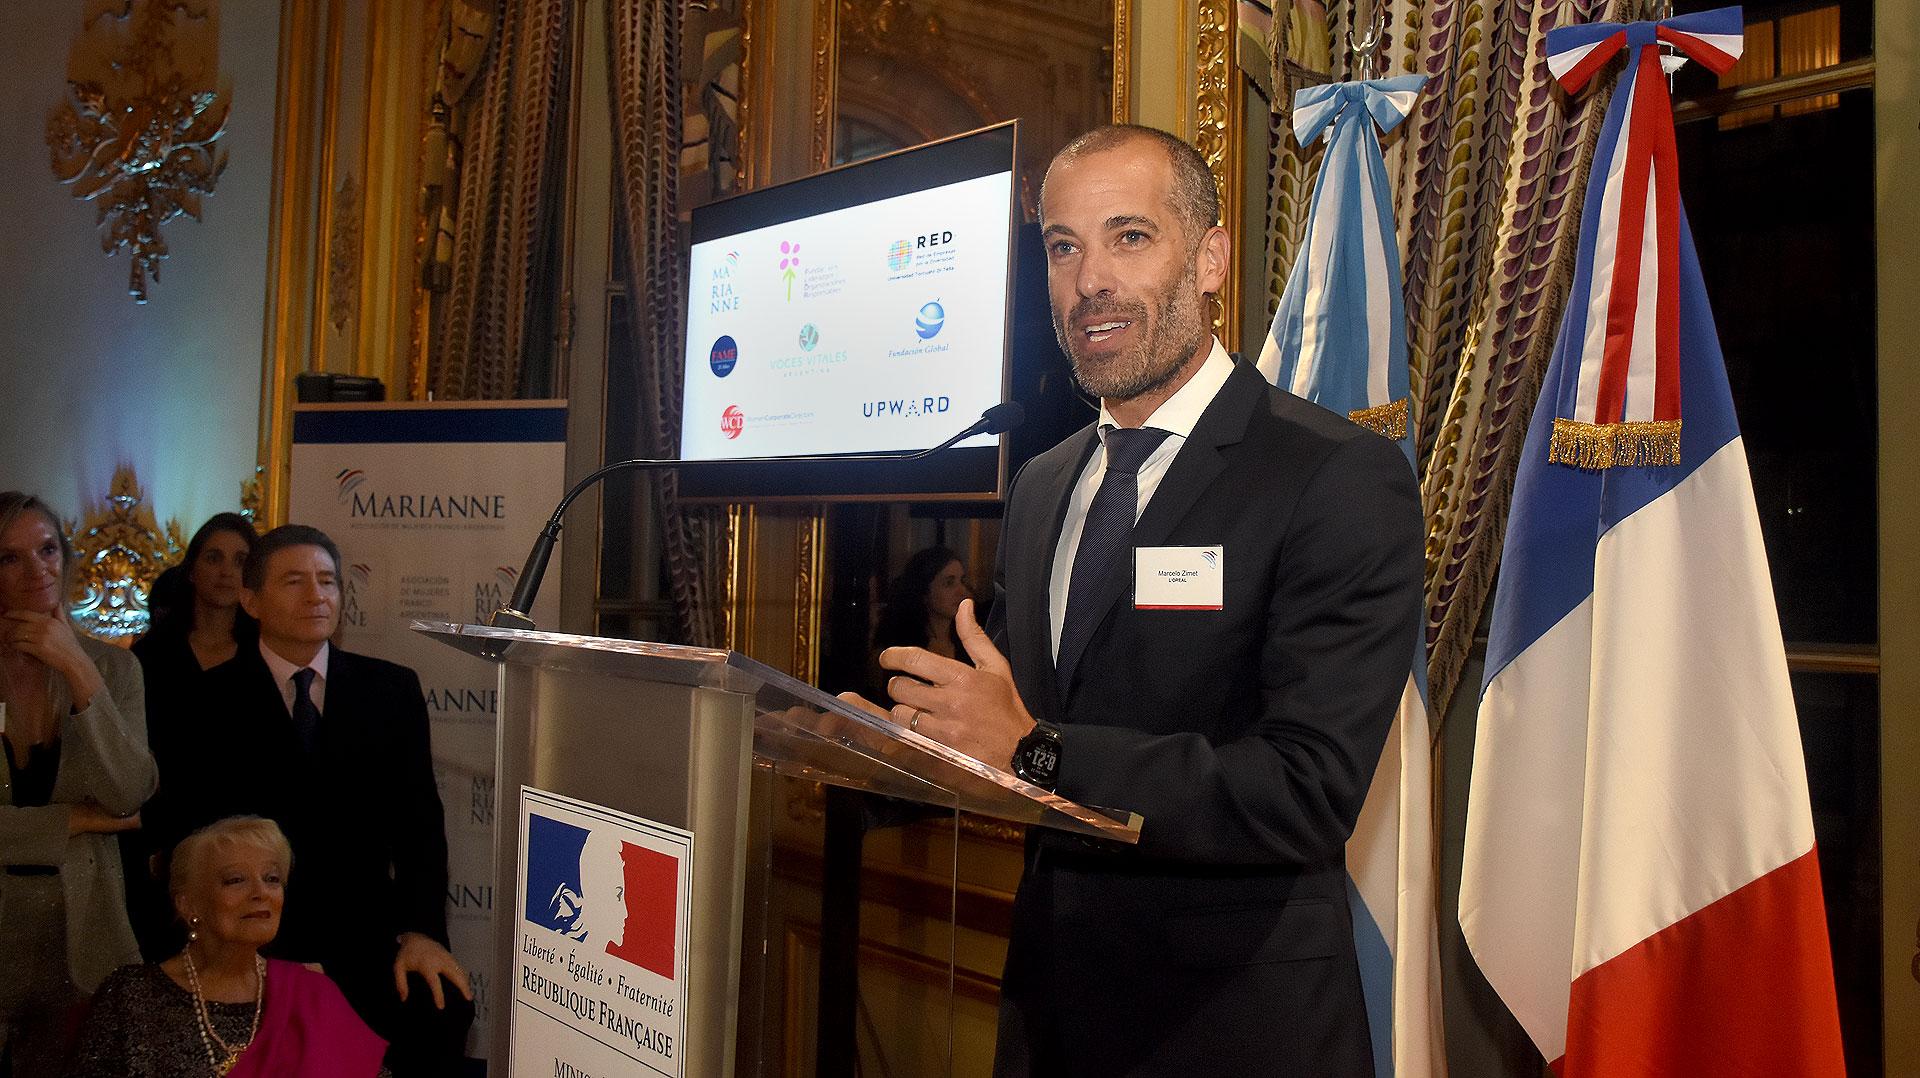 """Marcelo Zimet, presidente de L'Oreal destacó que la empresa """"pretende tener un rol activo en la promoción de la equidad de género y el empoderamiento femenino""""."""